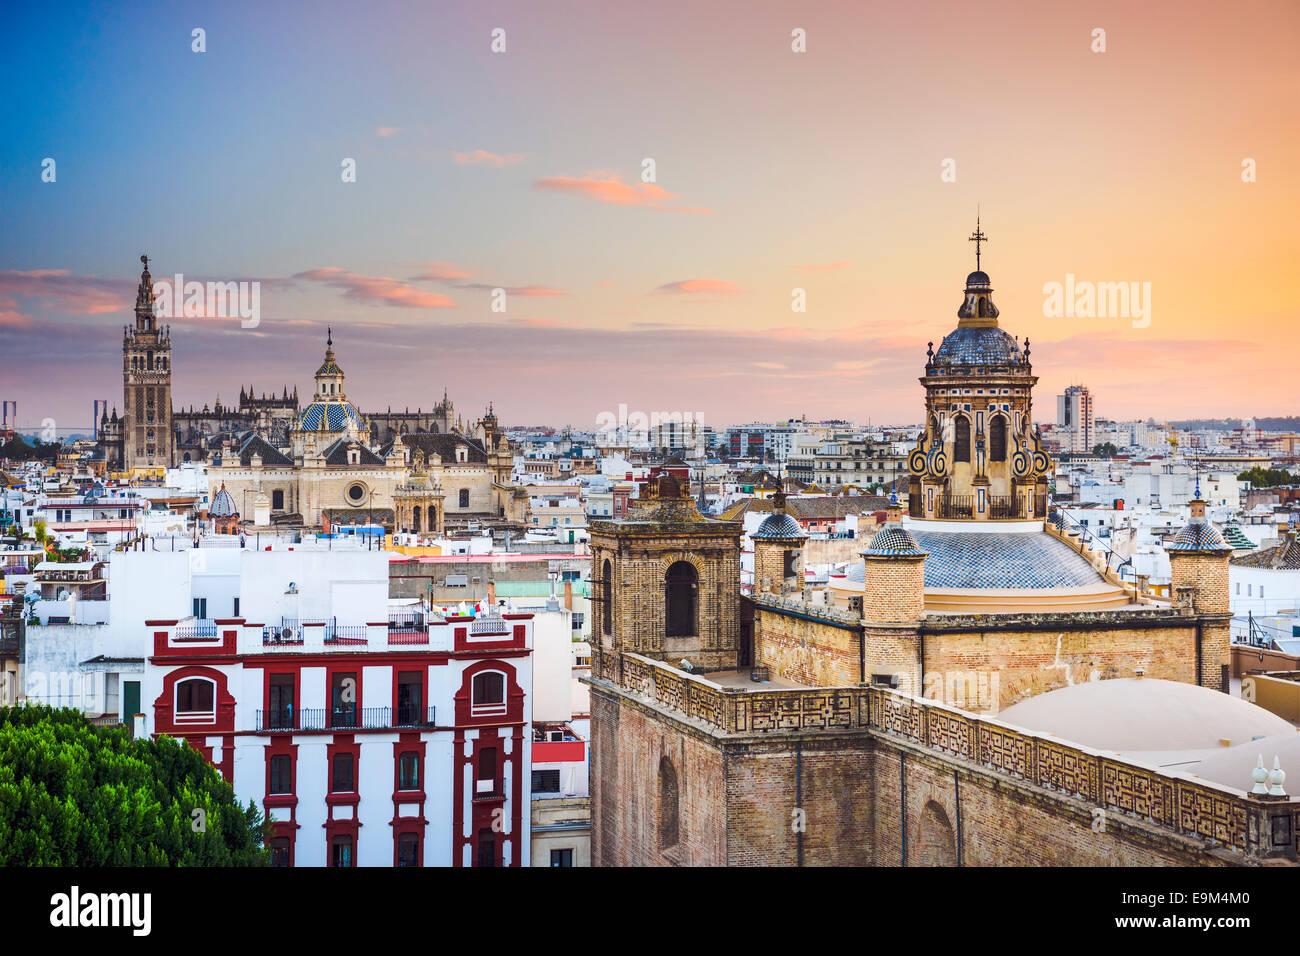 Siviglia, Spagna skyline della citta' al tramonto. Immagini Stock